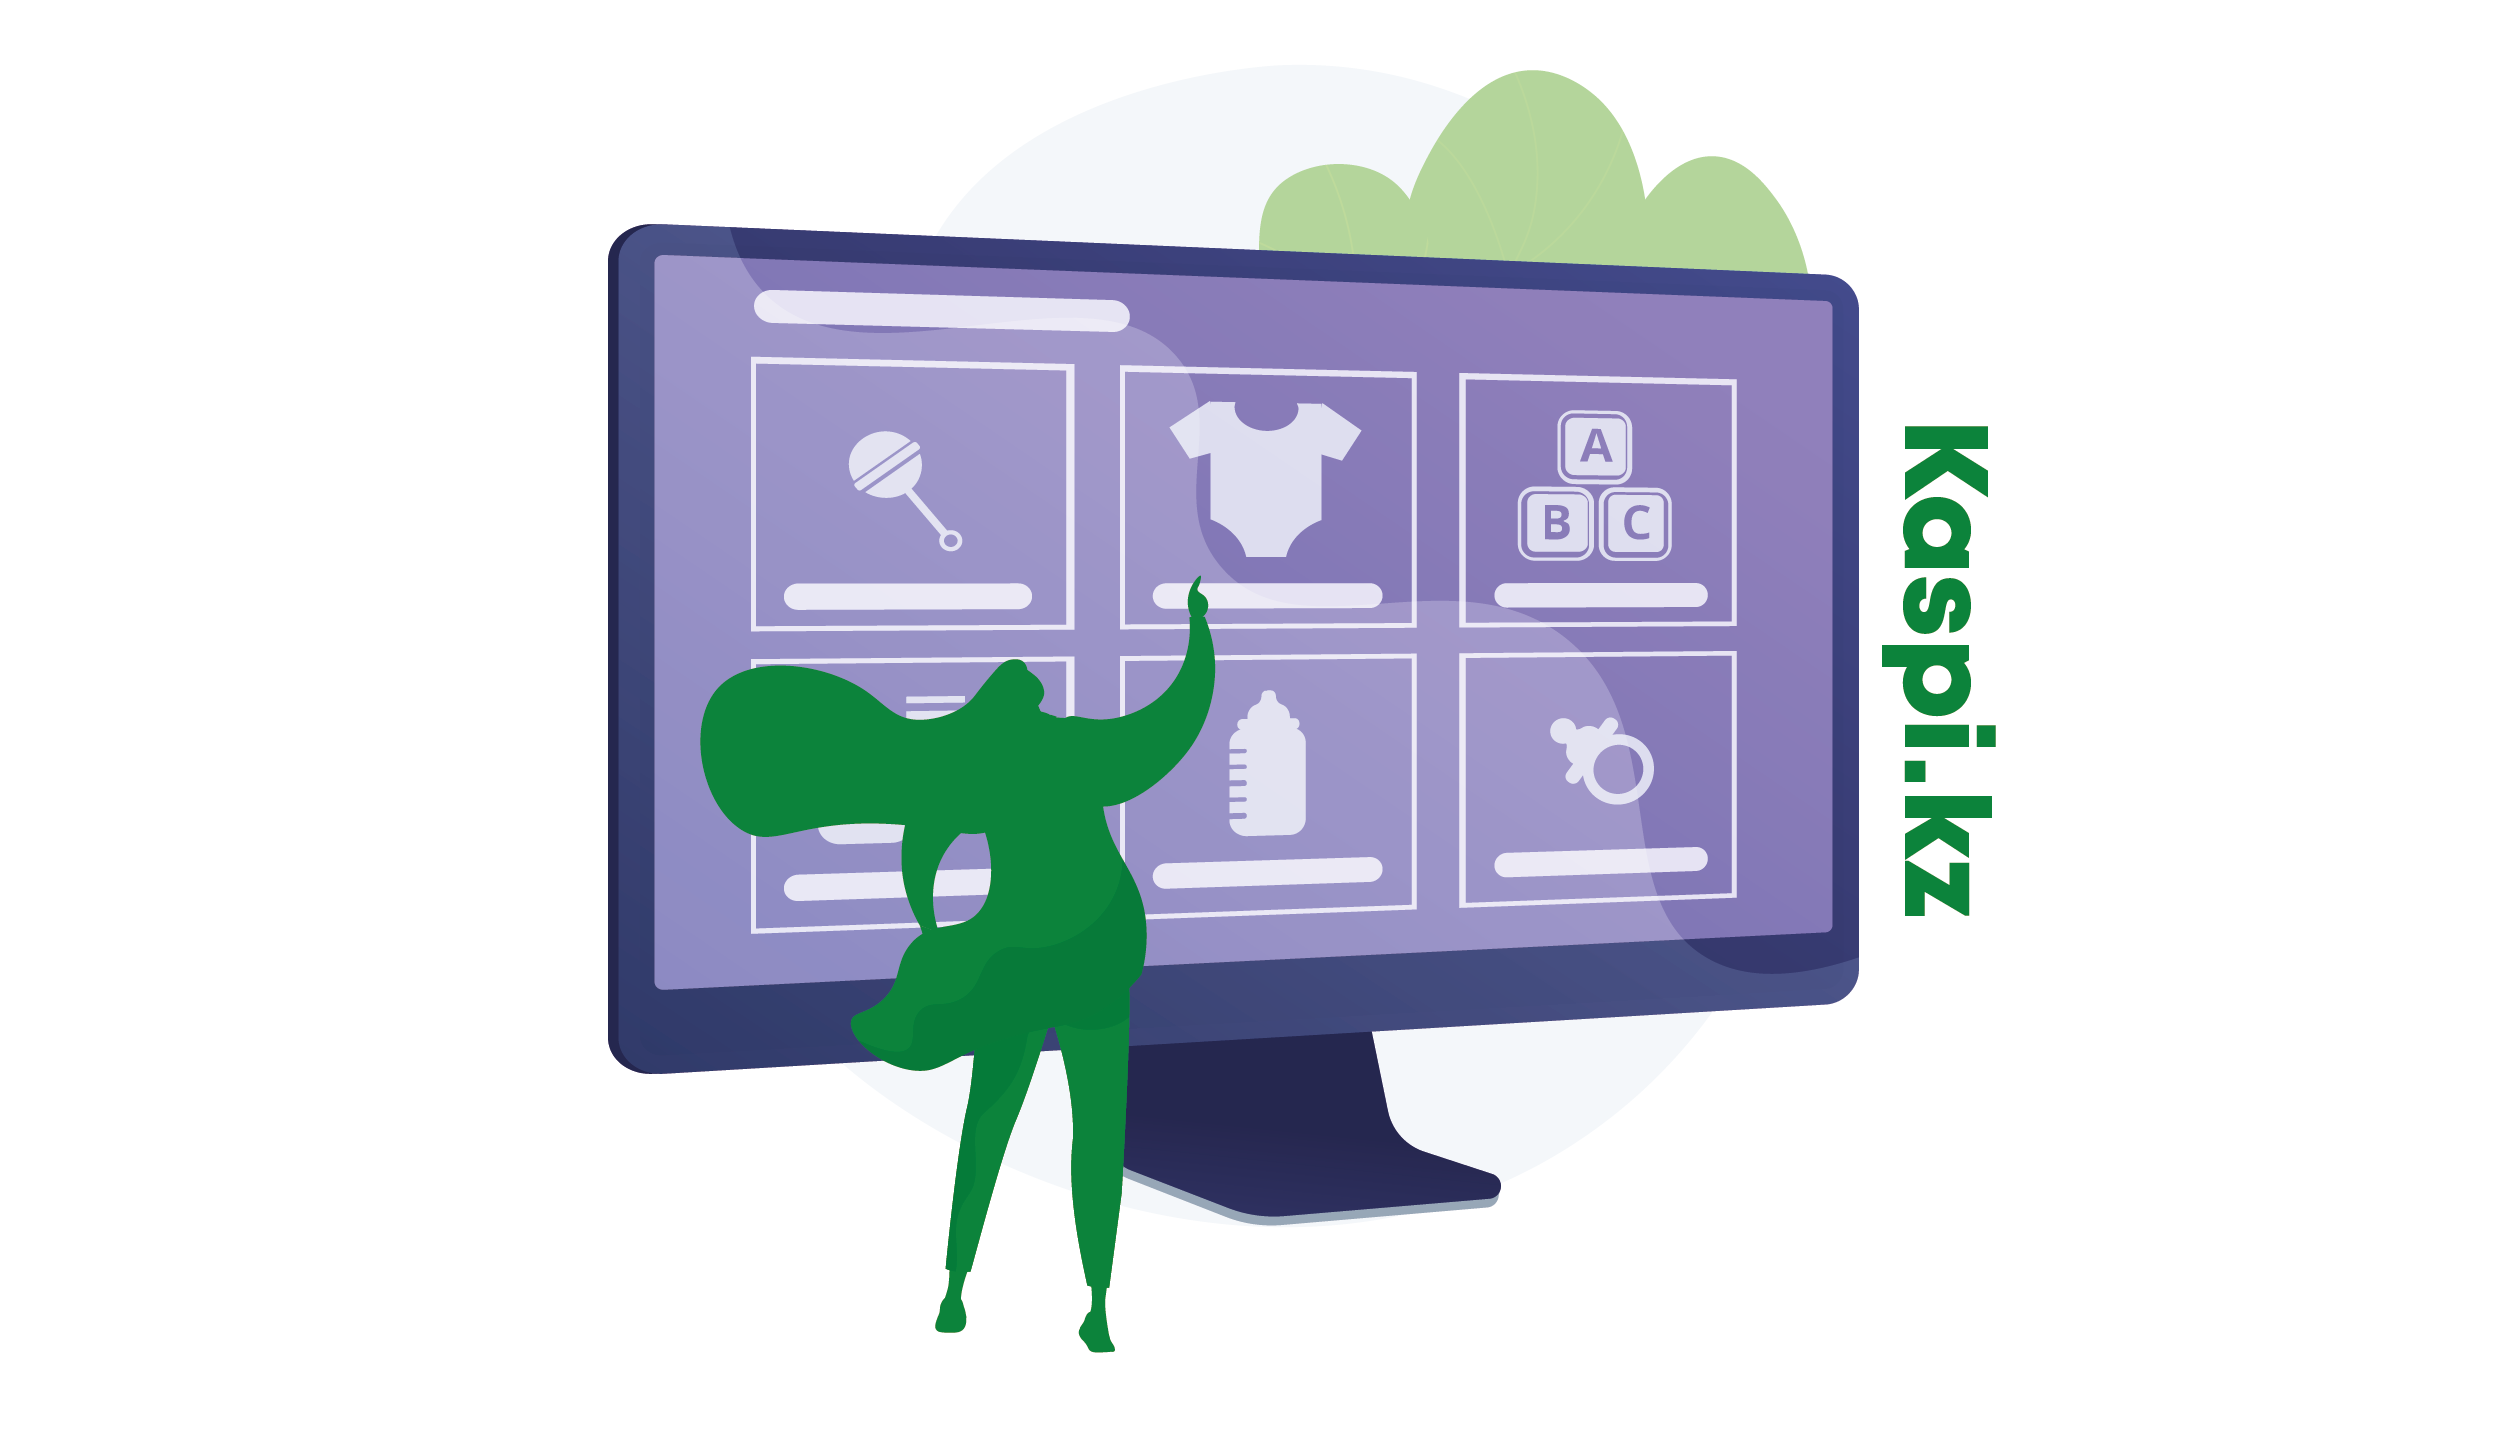 Обзор маркетплейса Kaspi.kz: что и как продавать на главной площадке Казахстана